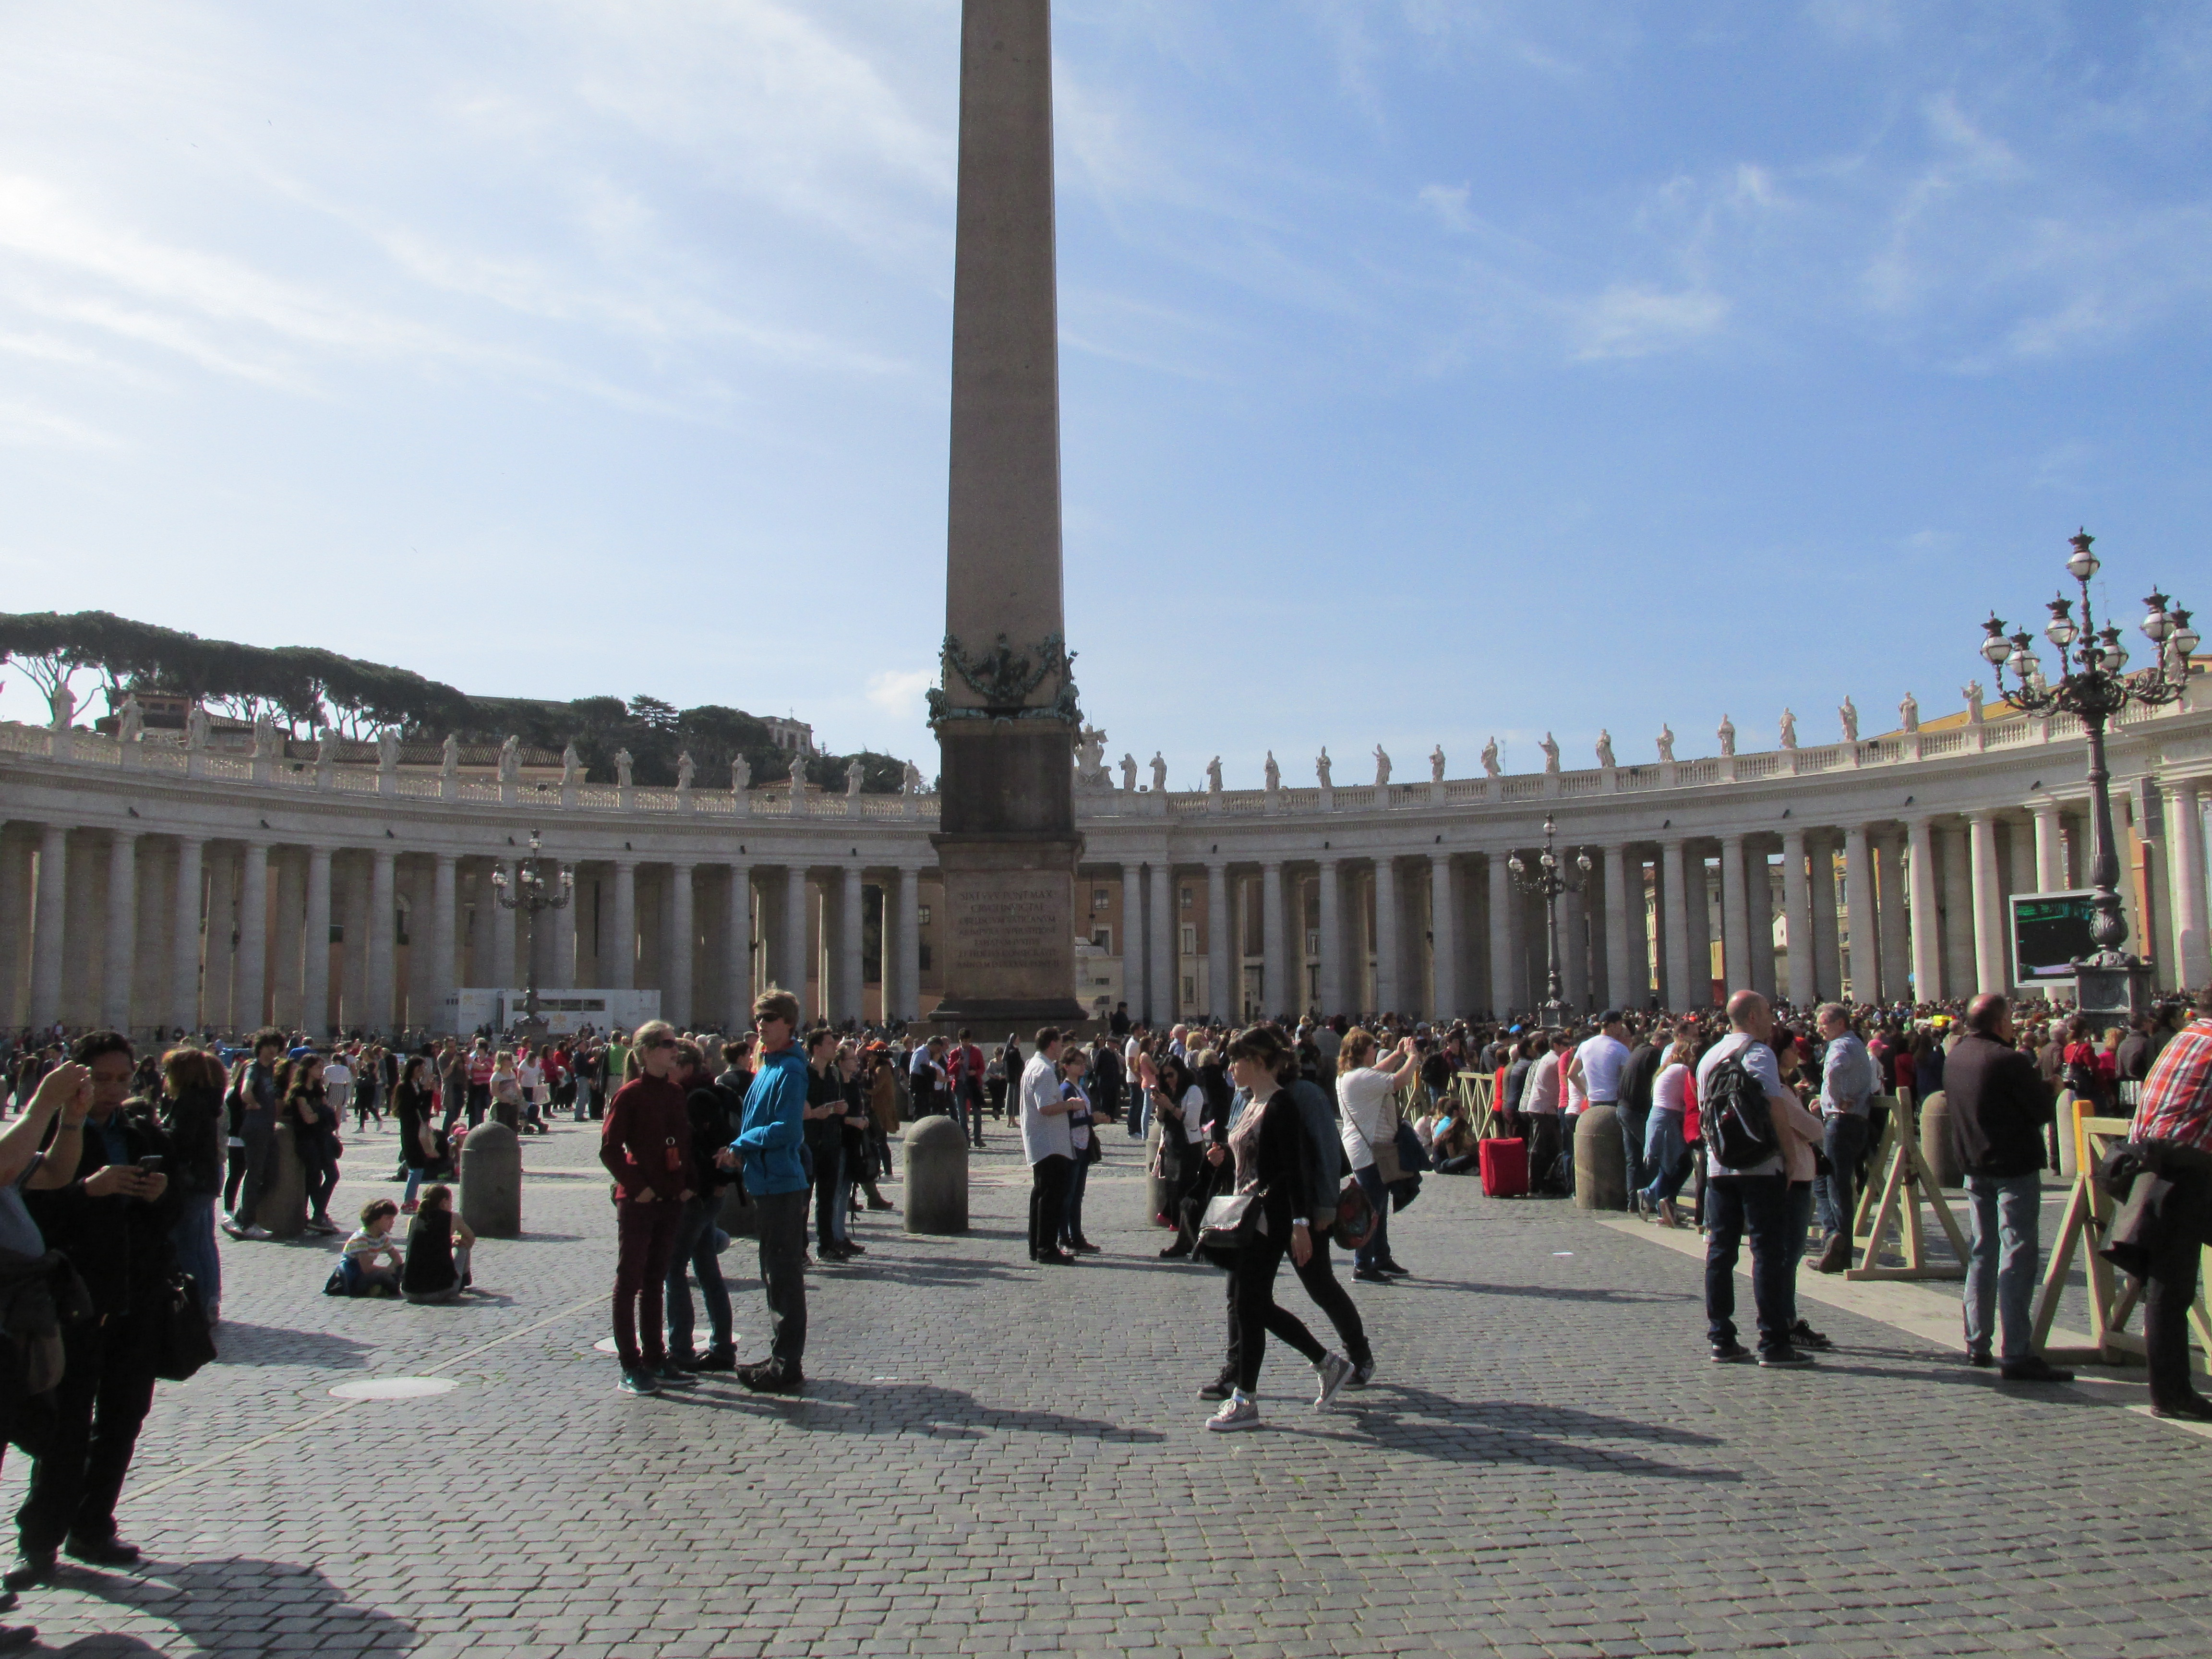 IMG 2533 - Consejos para visitar el Vaticano